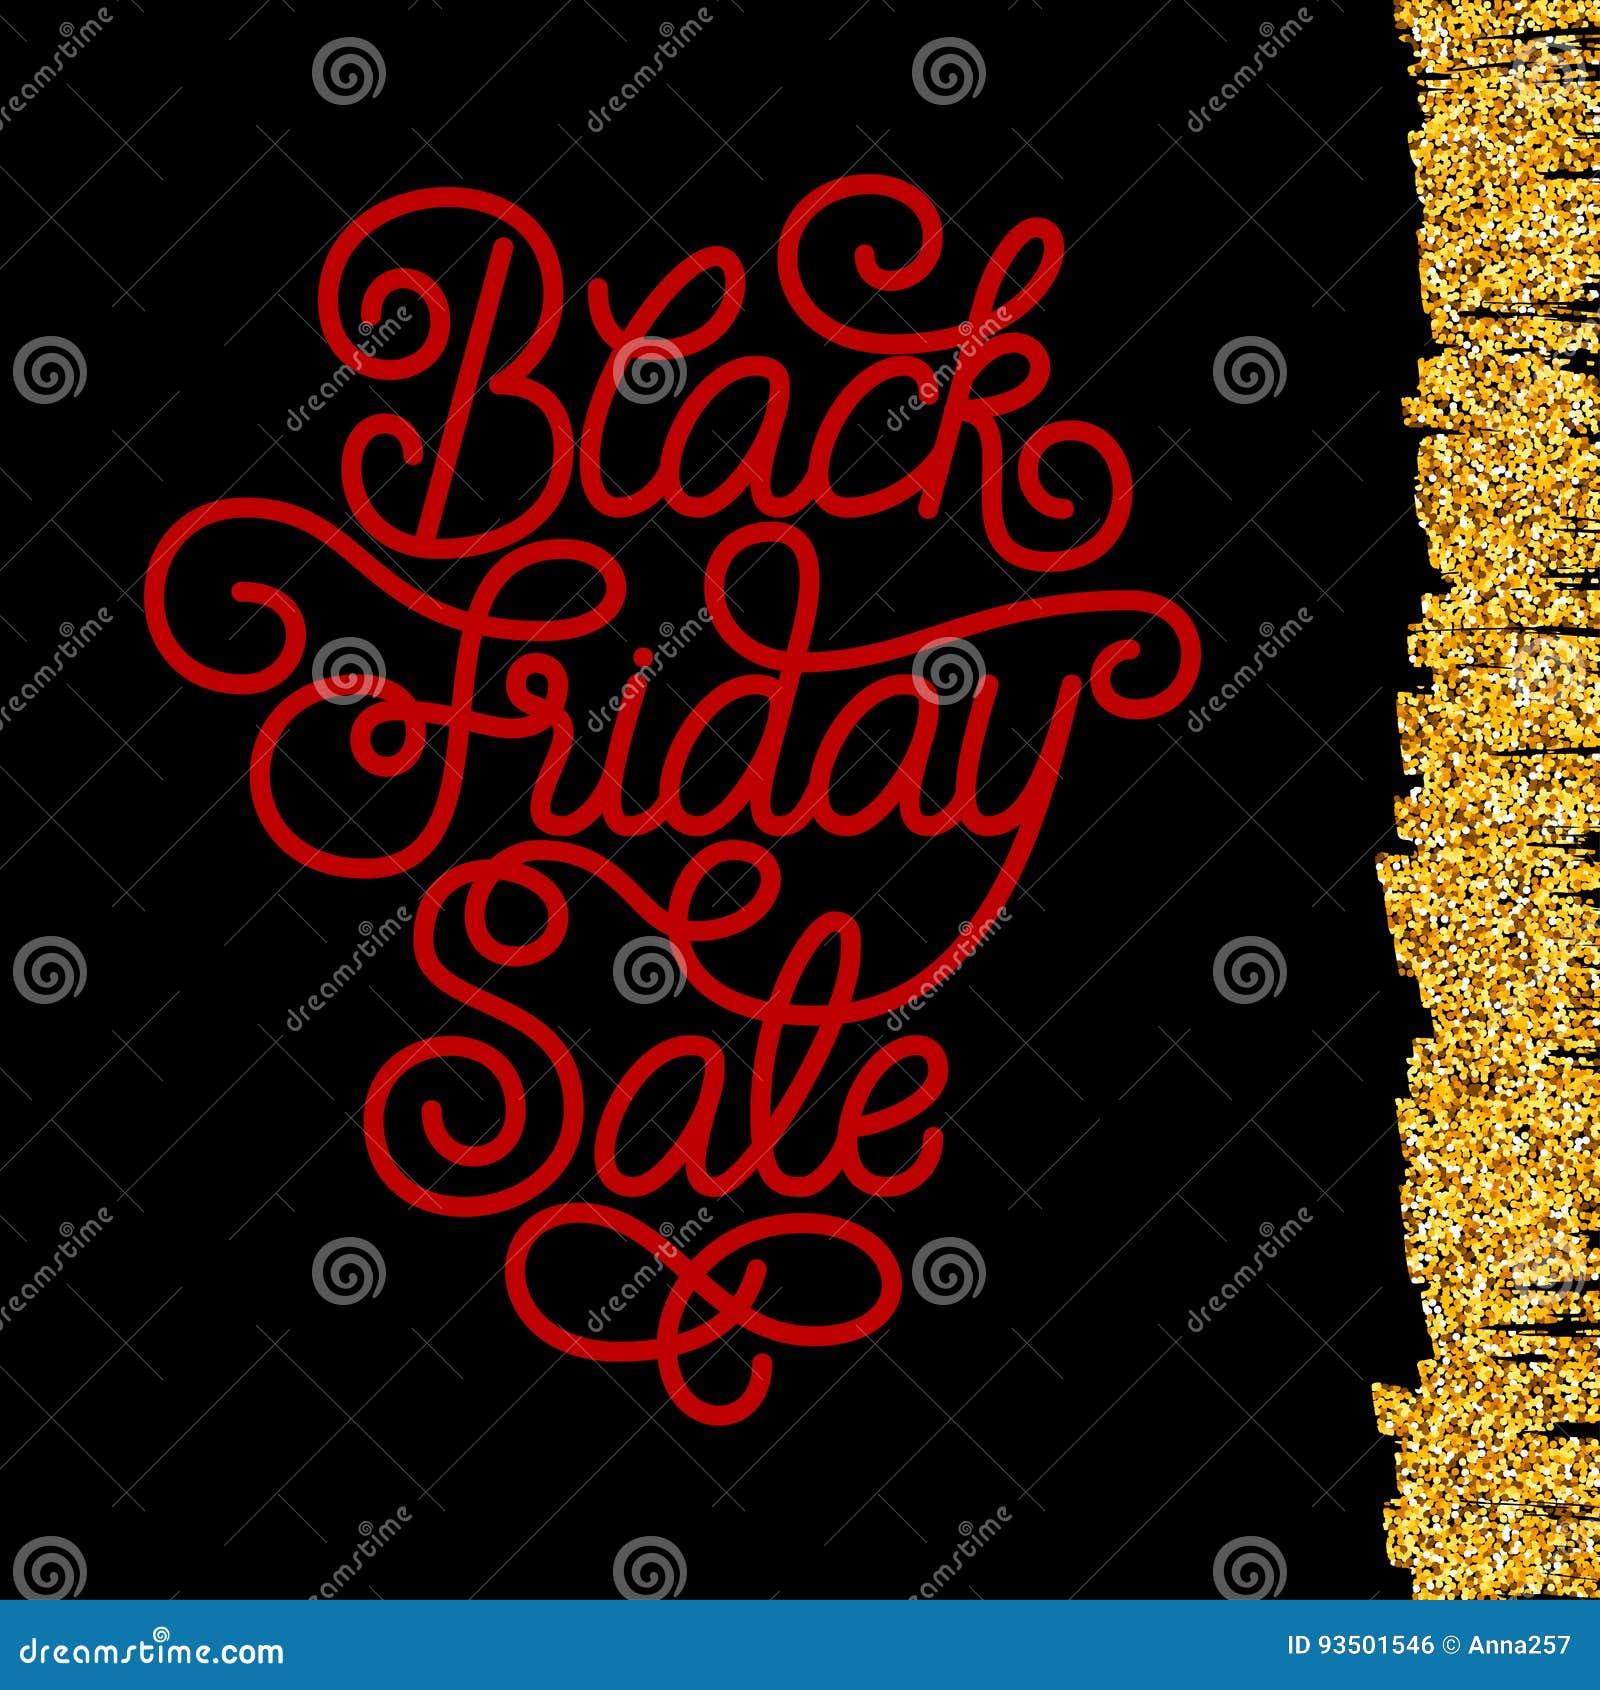 images black latter friday sale